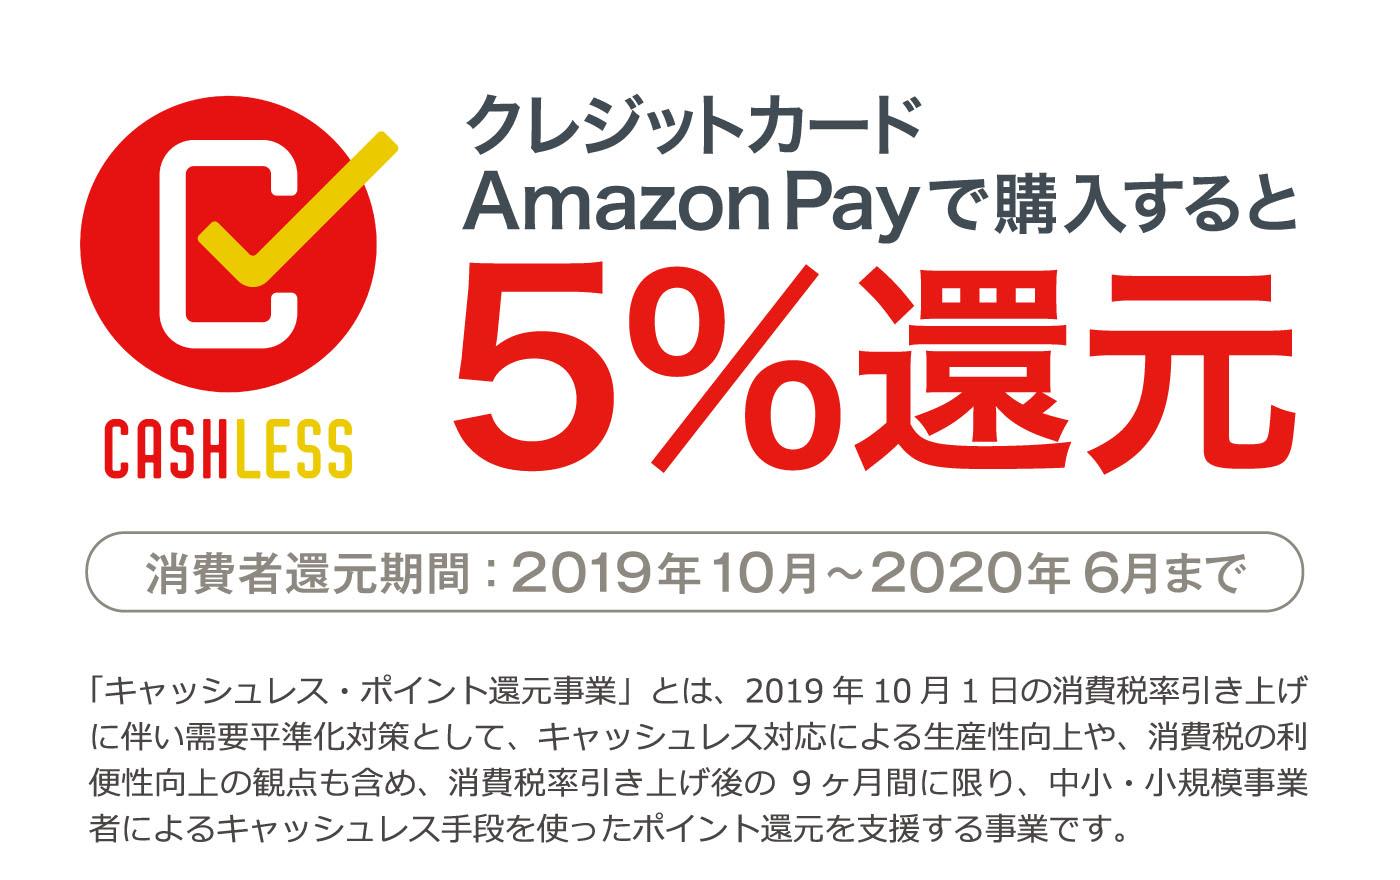 クレジットカード Amazon Pay で購入すると5%還元